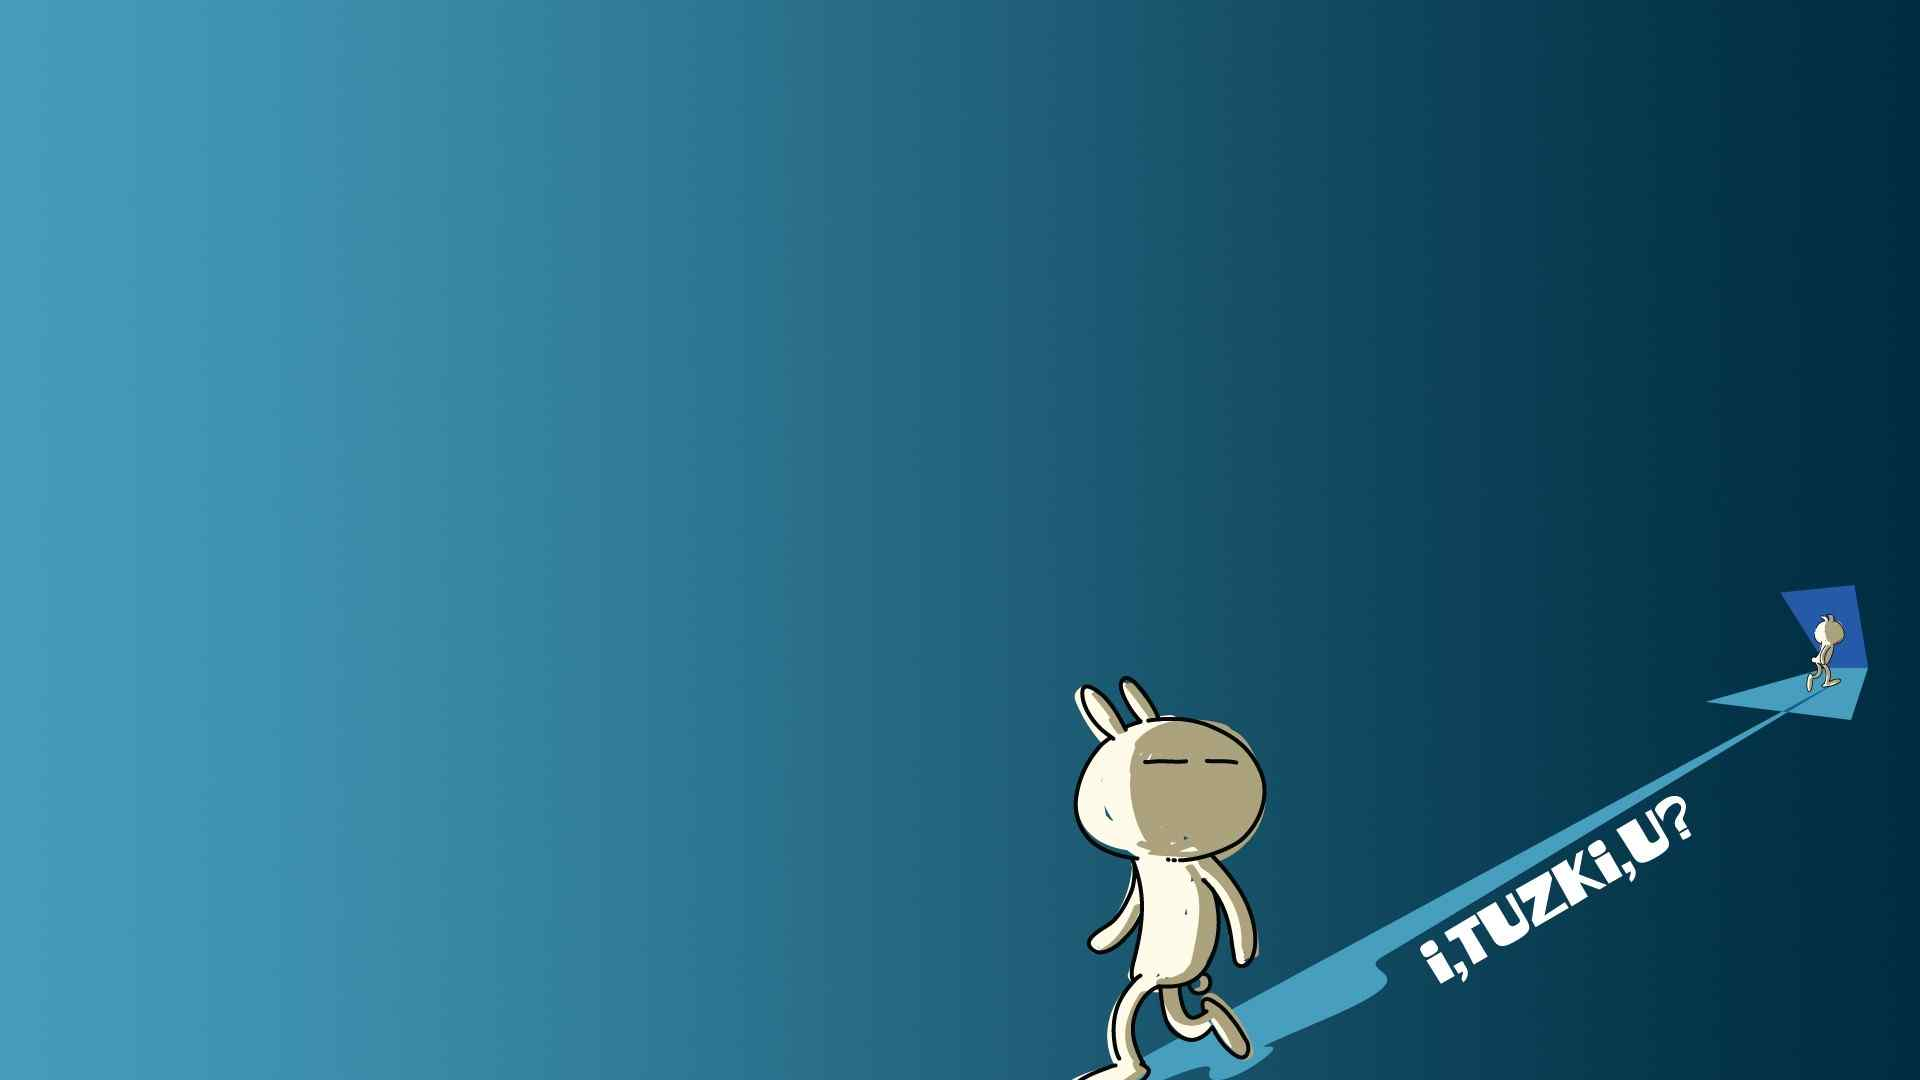 蓝色主题兔斯基电脑桌面壁纸